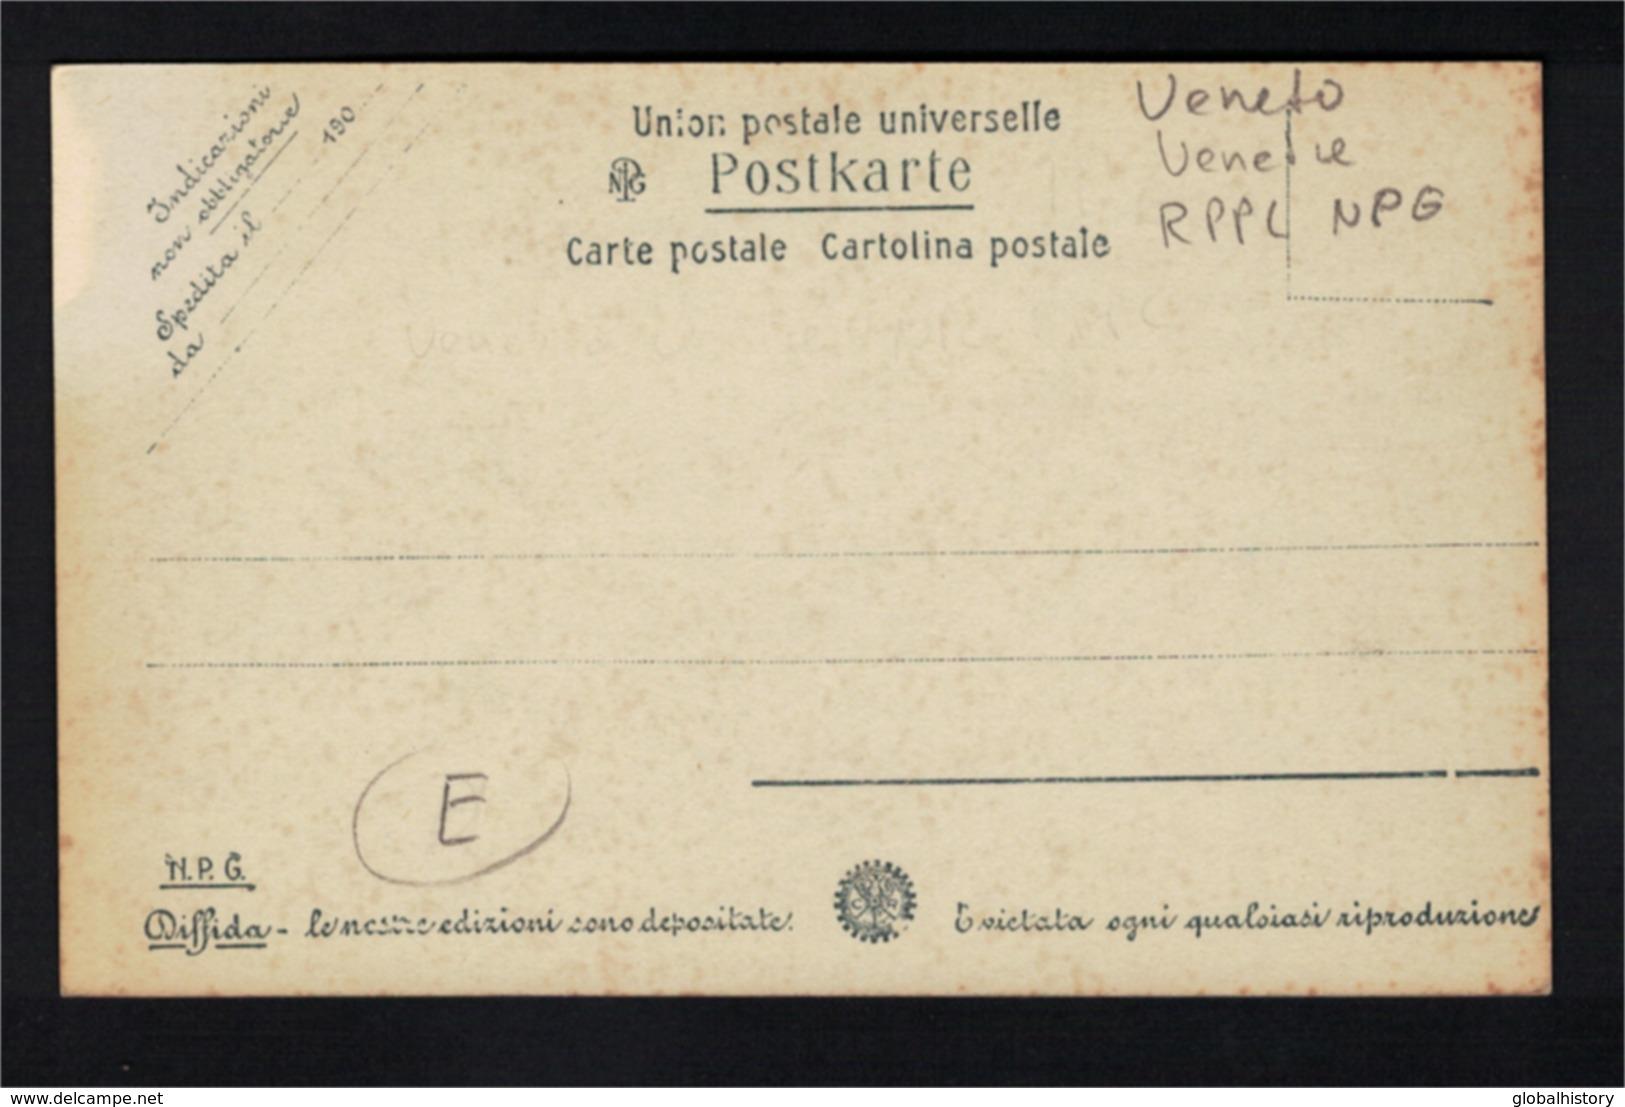 DE2712 - VENETO, VENEZIA - BRAGOZZI - SAILING BOATS - RPPC - Vicenza